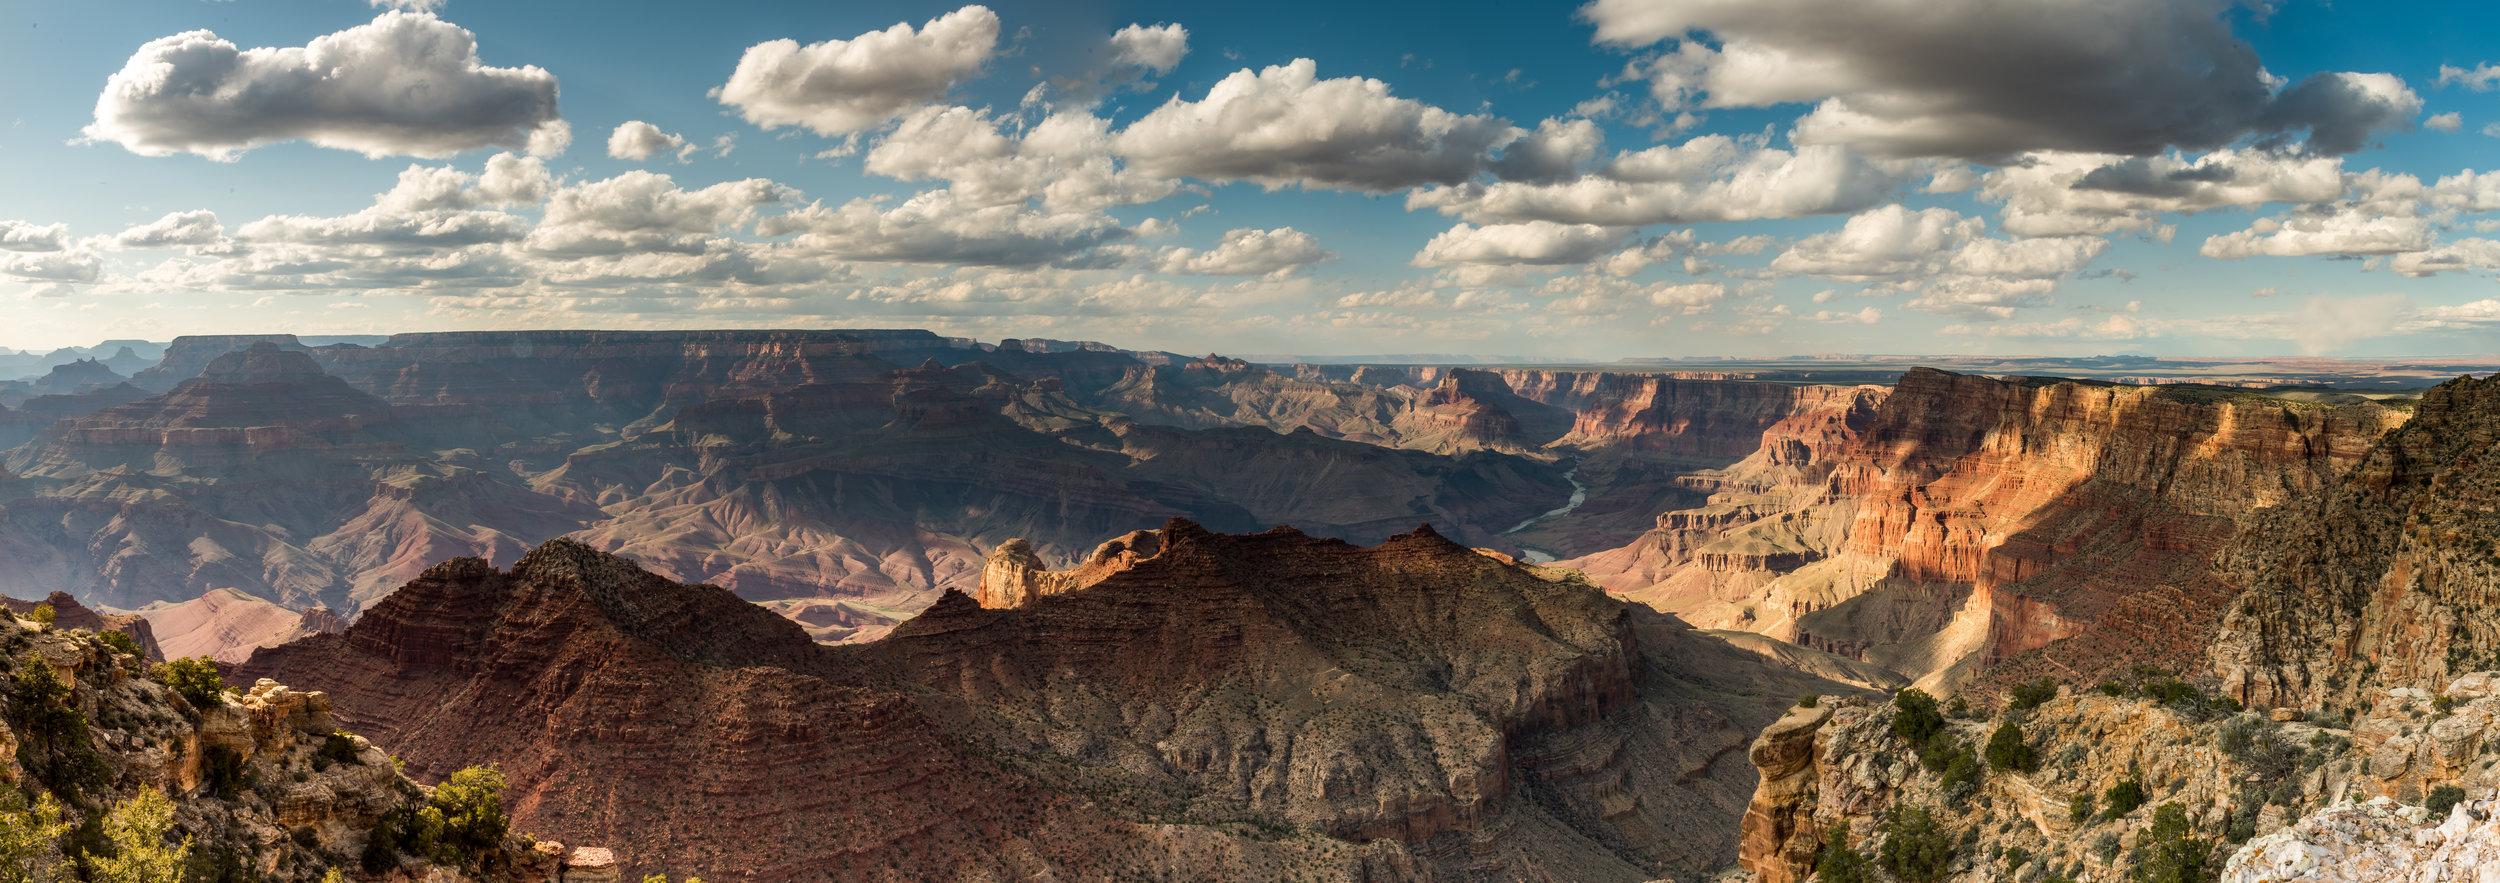 Navajo Point Panorama